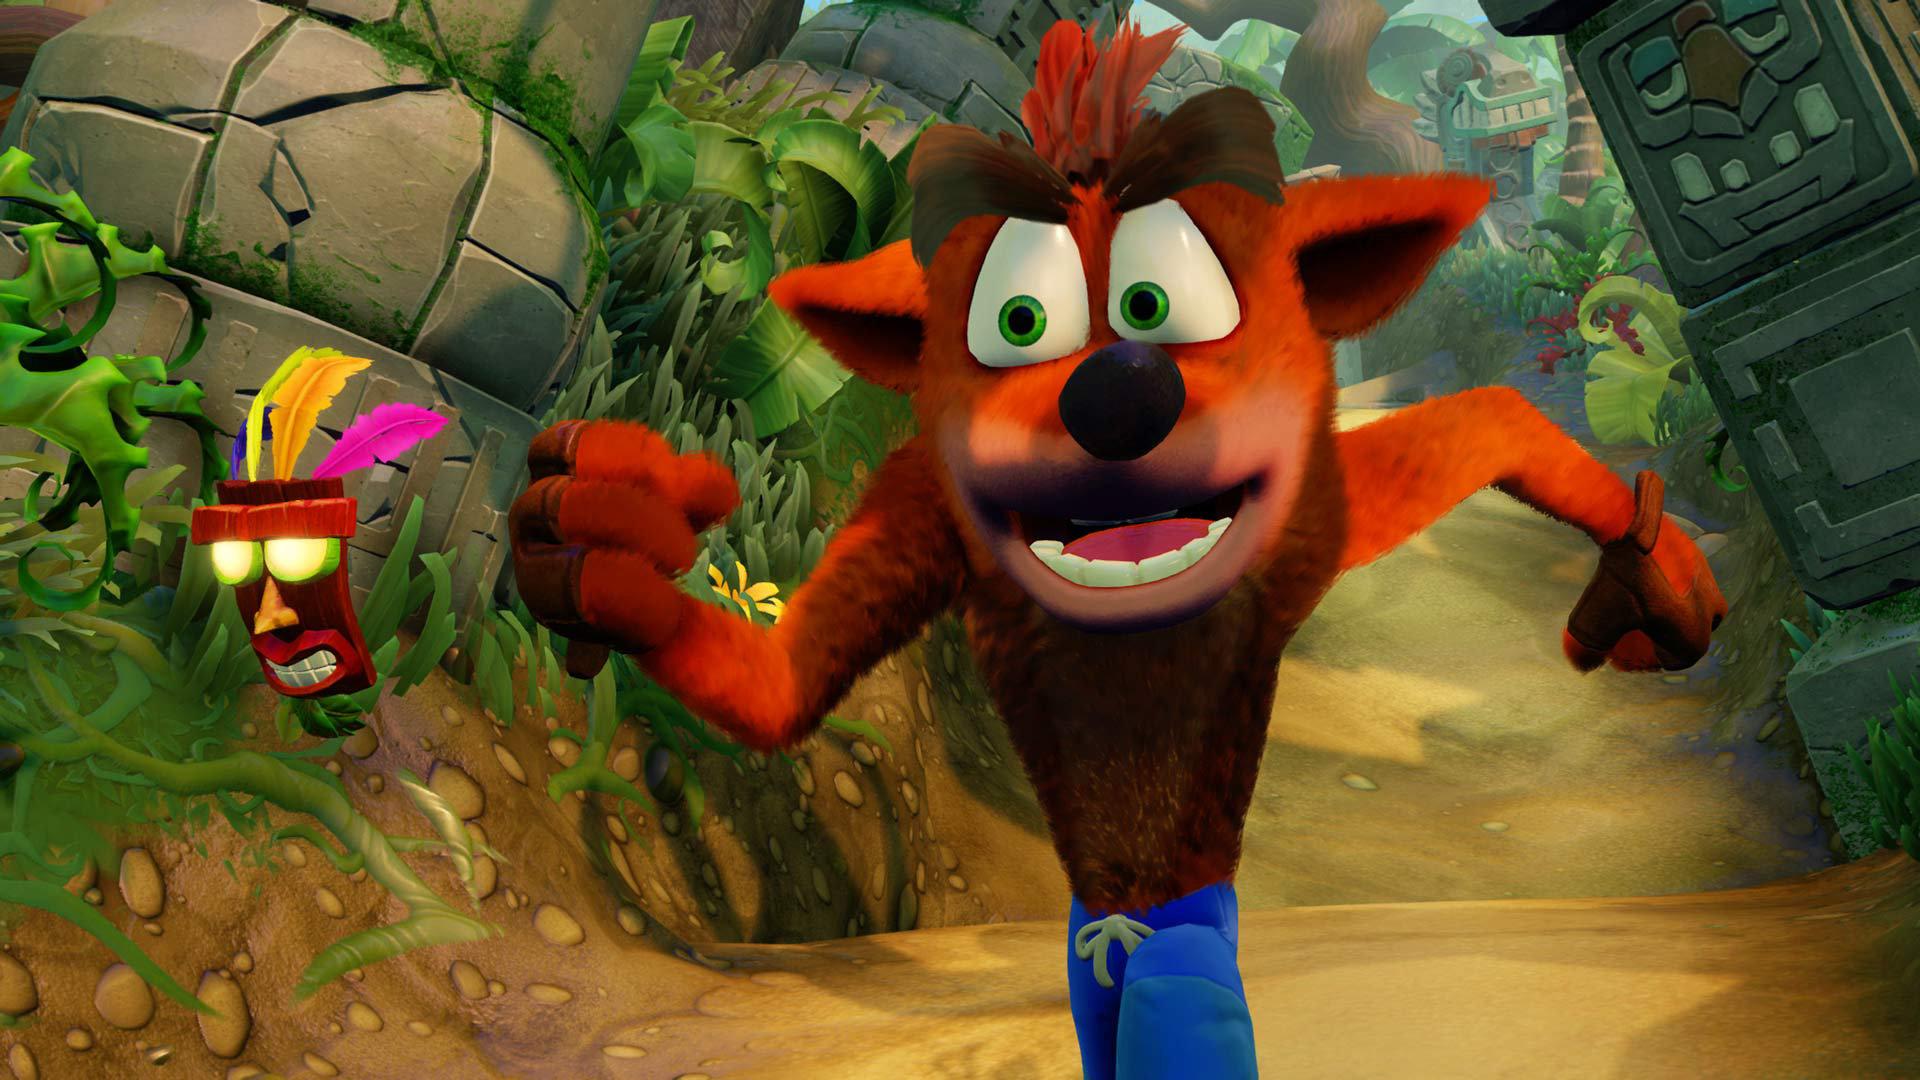 New Crash Bandicoot DLC